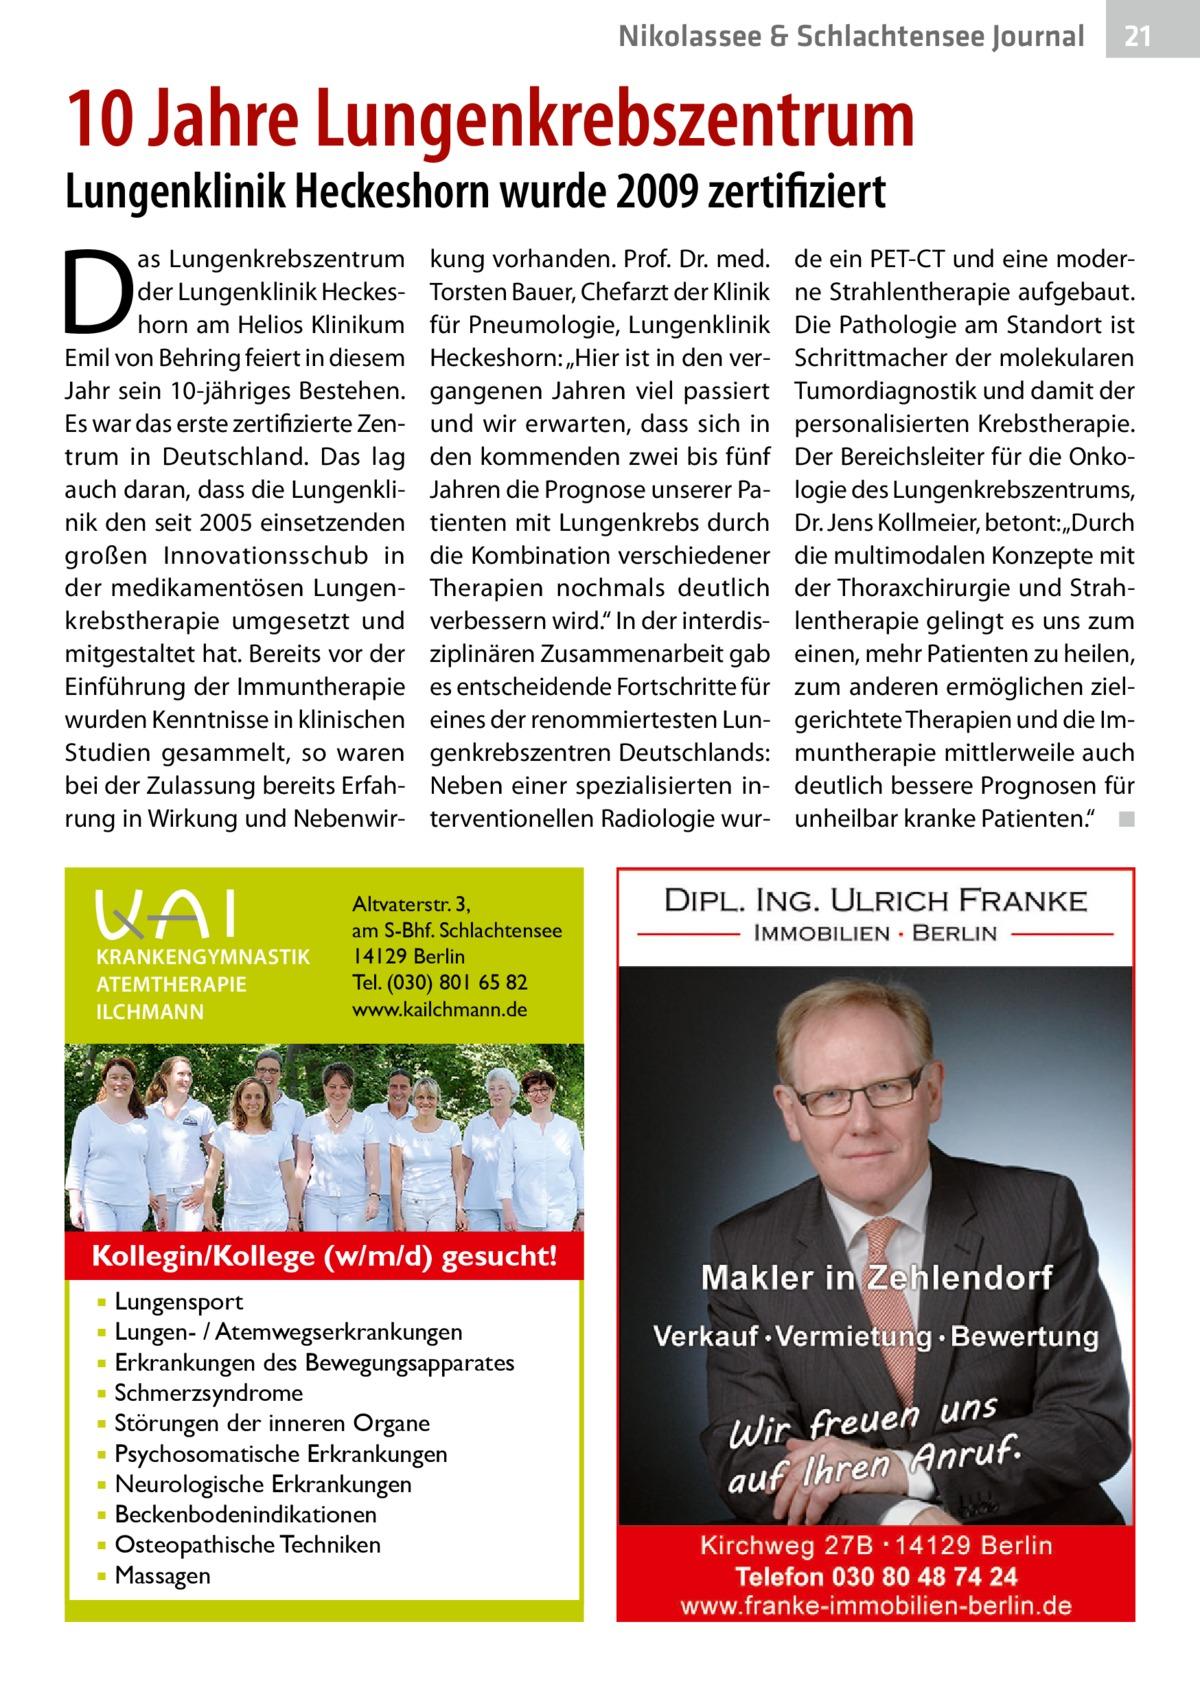 """Nikolassee & Schlachtensee Journal  21  10Jahre Lungenkrebszentrum Lungenklinik Heckeshorn wurde 2009 zertifiziert  D  as Lungenkrebszentrum der Lungenklinik Heckeshorn am Helios Klinikum Emil von Behring feiert in diesem Jahr sein 10-jähriges Bestehen. Es war das erste zertifizierte Zentrum in Deutschland. Das lag auch daran, dass die Lungenklinik den seit 2005 einsetzenden großen Innovationsschub in der medikamentösen Lungenkrebstherapie umgesetzt und mitgestaltet hat. Bereits vor der Einführung der Immuntherapie wurden Kenntnisse in klinischen Studien gesammelt, so waren bei der Zulassung bereits Erfahrung in Wirkung und Nebenwir KRANKENGYMNASTIK ATEMTHERAPIE ILCHMANN  kung vorhanden. Prof.Dr. med. Torsten Bauer, Chefarzt der Klinik für Pneumologie, Lungenklinik Heckeshorn: """"Hier ist in den vergangenen Jahren viel passiert und wir erwarten, dass sich in den kommenden zwei bis fünf Jahren die Prognose unserer Patienten mit Lungenkrebs durch die Kombination verschiedener Therapien nochmals deutlich verbessern wird."""" In der interdisziplinären Zusammenarbeit gab es entscheidende Fortschritte für eines der renommiertesten Lungenkrebszentren Deutschlands: Neben einer spezialisierten interventionellen Radiologie wur Altvaterstr. 3, am S-Bhf. Schlachtensee 14129 Berlin Tel. (030) 801 65 82 www.kailchmann.de  Kollegin/Kollege (w/m/d) gesucht! Lungensport Lungen- / Atemwegserkrankungen  Erkrankungen des Bewegungsapparates  Schmerzsyndrome  Störungen der inneren Organe  Psychosomatische Erkrankungen  Neurologische Erkrankungen  Beckenbodenindikationen  Osteopathische Techniken  Massagen    de ein PET-CT und eine moderne Strahlentherapie aufgebaut. Die Pathologie am Standort ist Schrittmacher der molekularen Tumordiagnostik und damit der personalisierten Krebstherapie. Der Bereichsleiter für die Onkologie des Lungenkrebszentrums, Dr.Jens Kollmeier, betont: """"Durch die multimodalen Konzepte mit der Thoraxchirurgie und Strahlentherapie gelingt es uns zum einen, mehr Patienten z"""